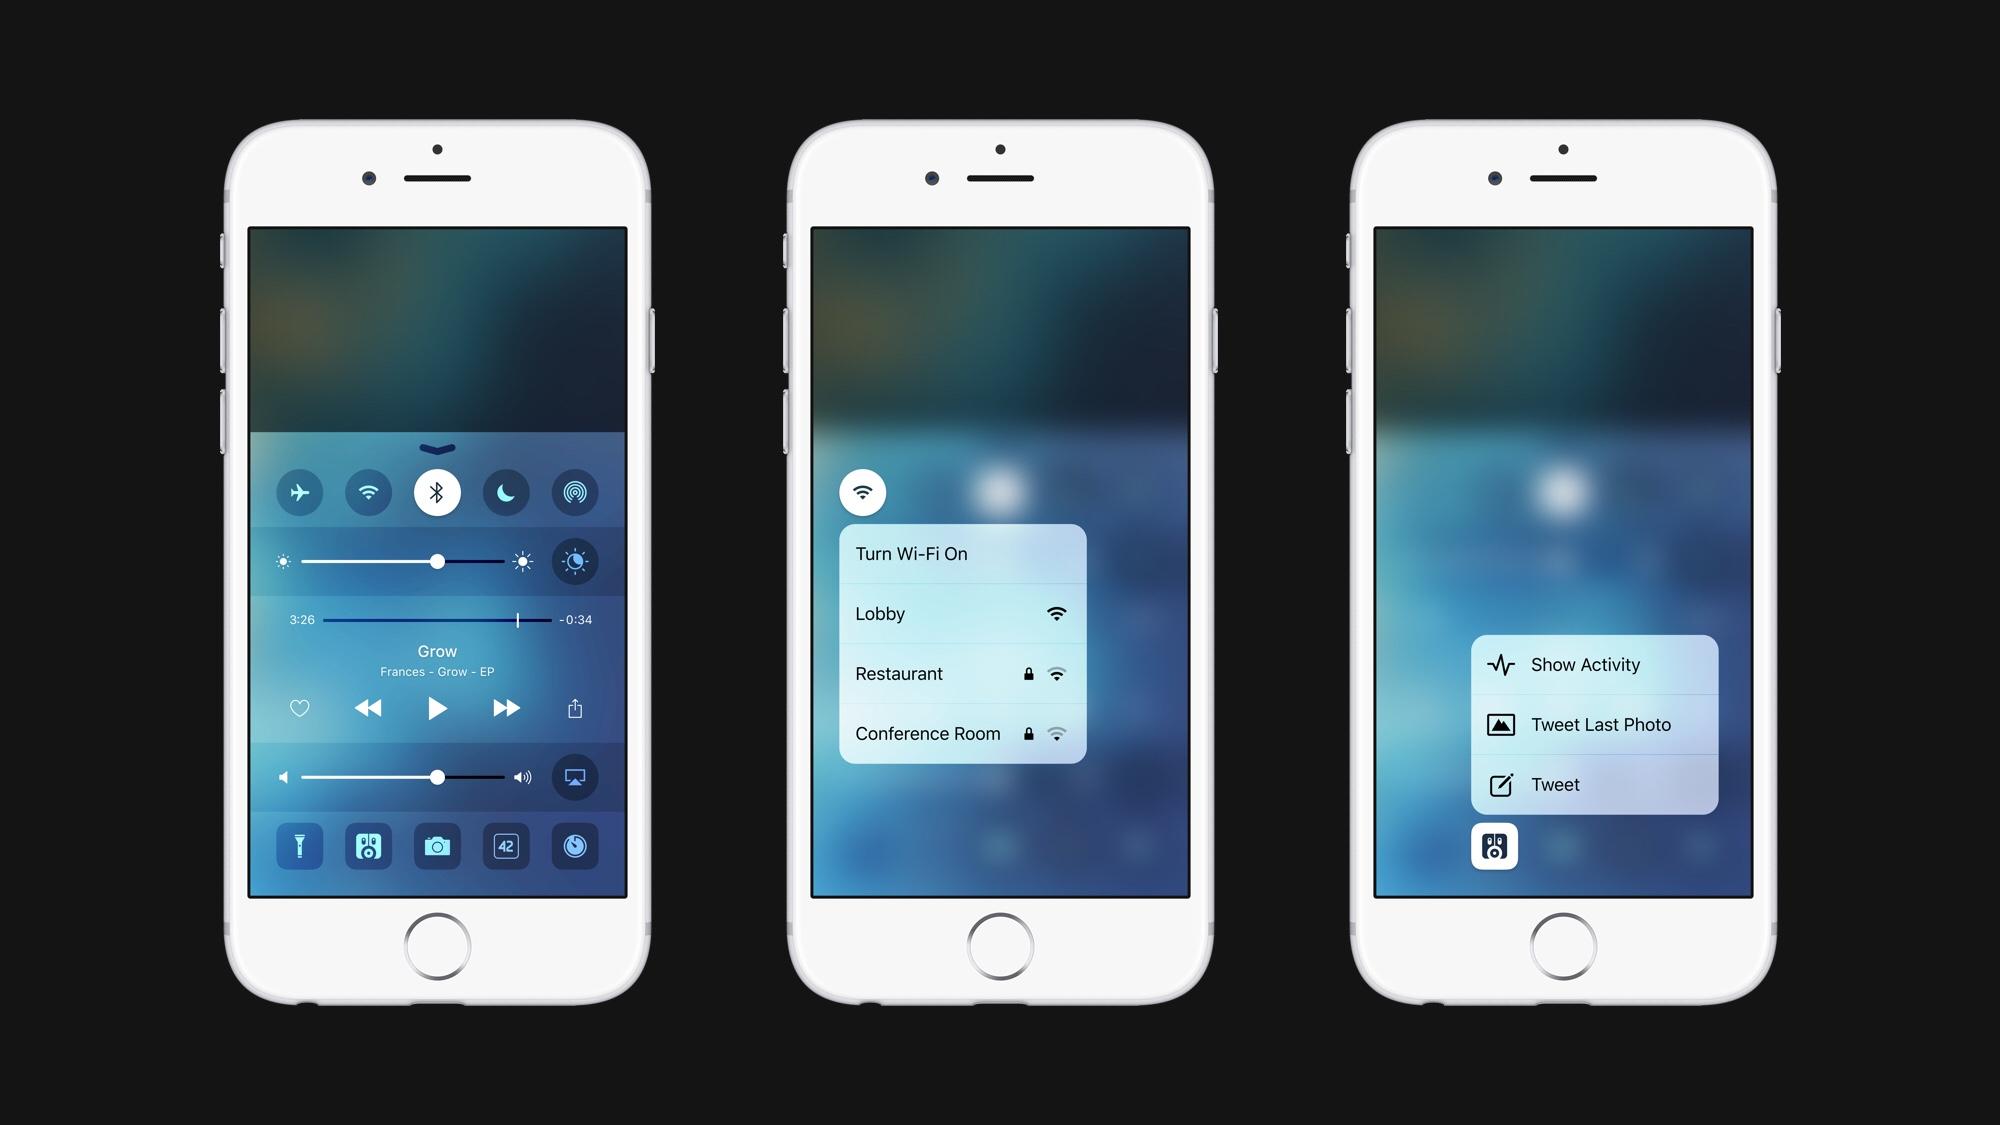 MacStories iOS 10 Concept